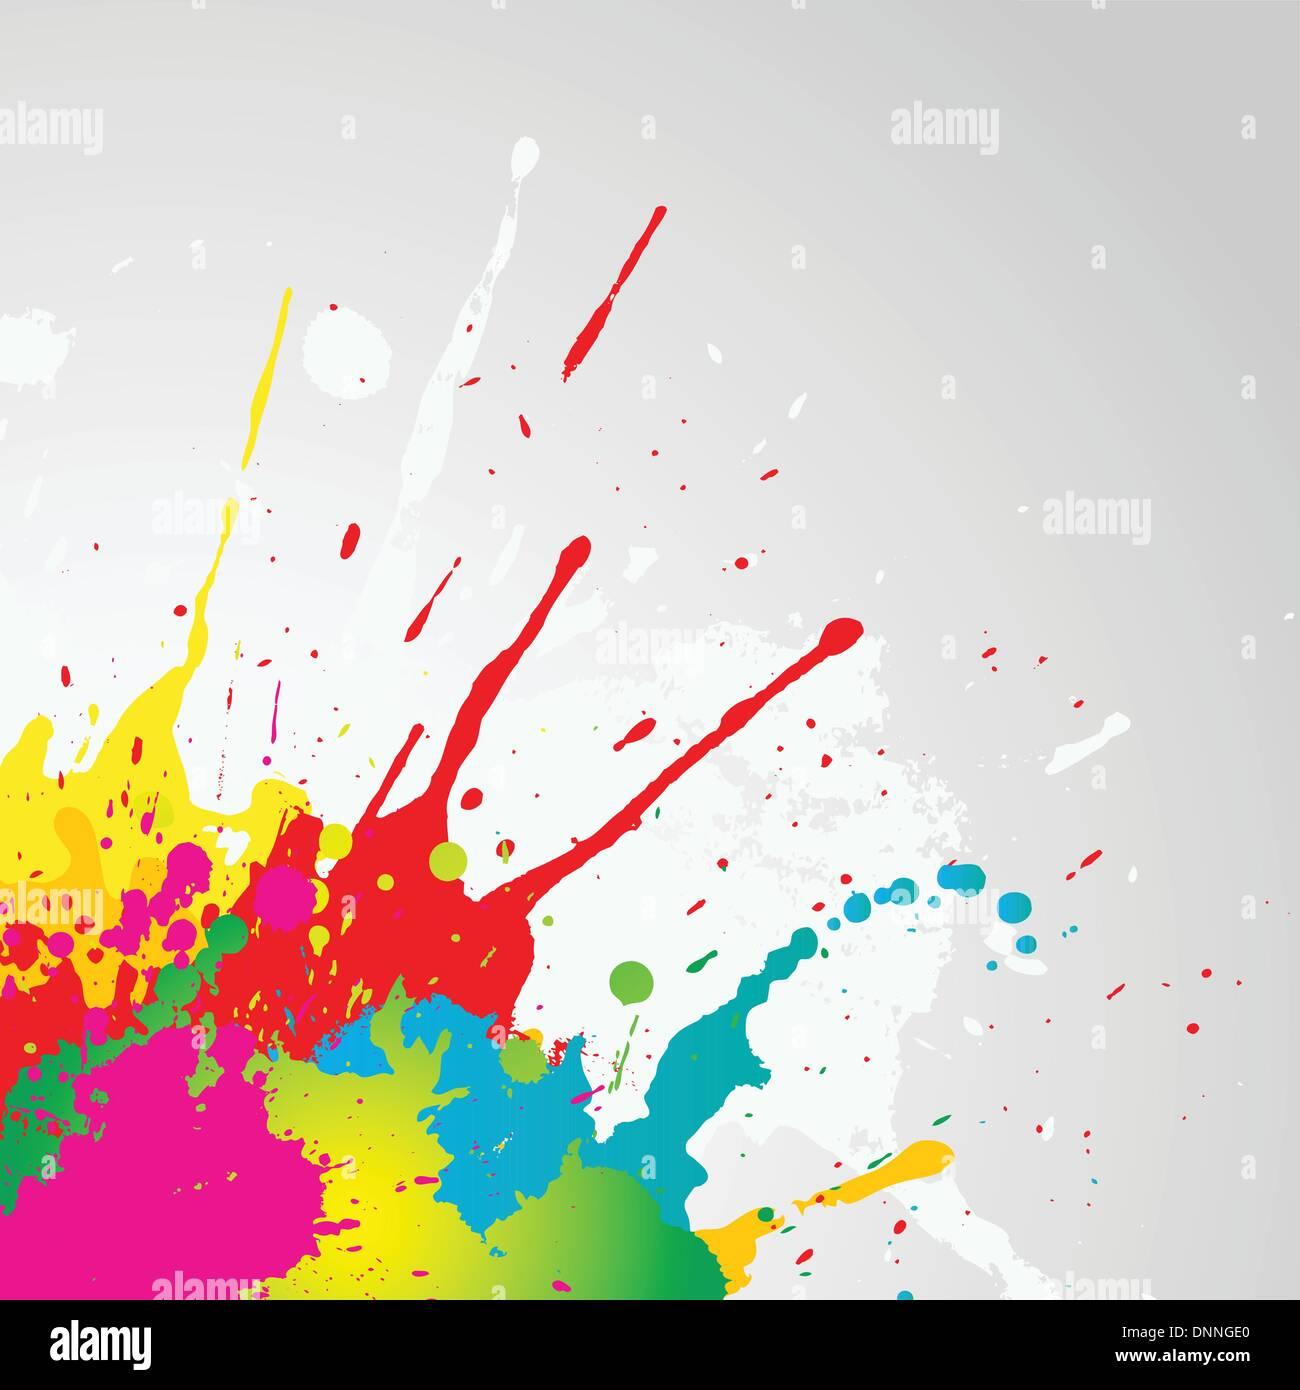 Grunge background avec des mouchetures de peinture aux couleurs vives Photo Stock